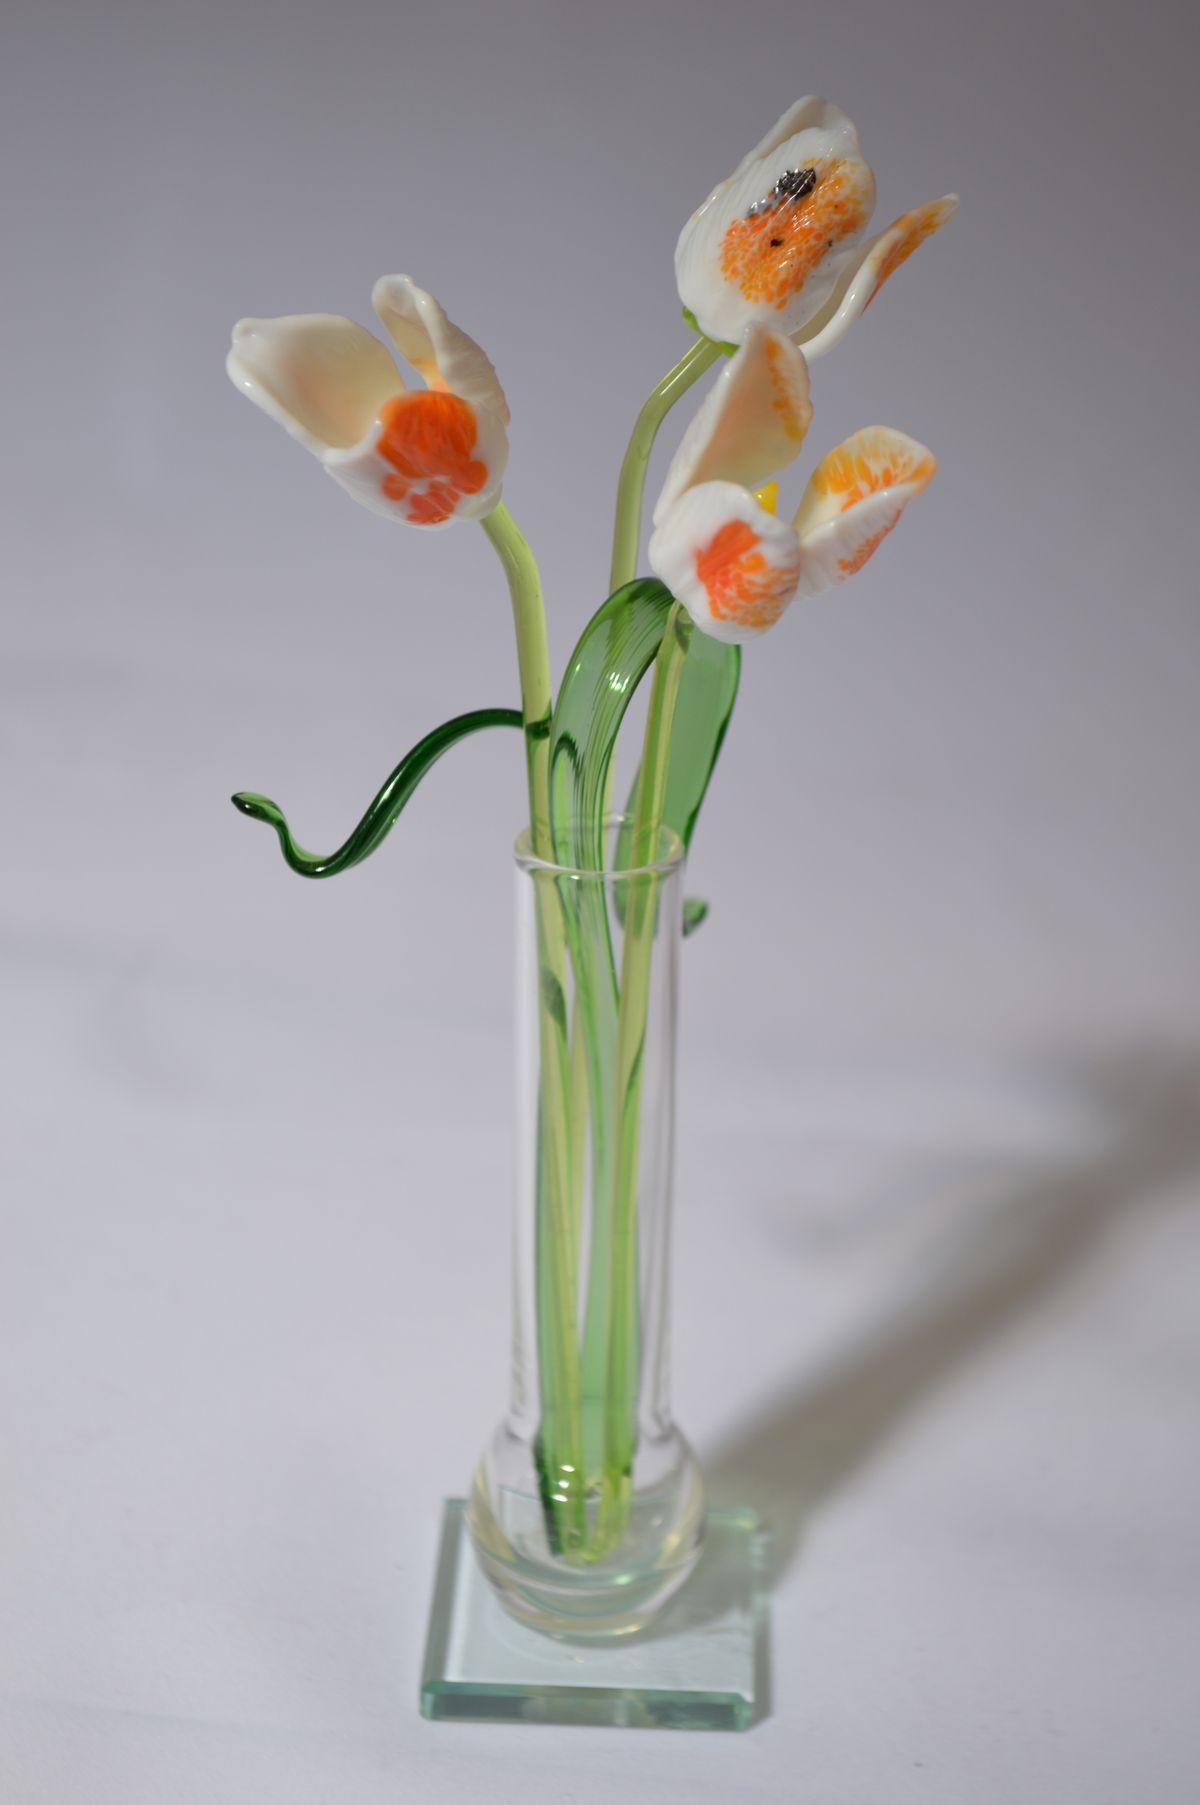 Букет 5 из трех тюльпанов в вазочке, цветное стекло от Ravta